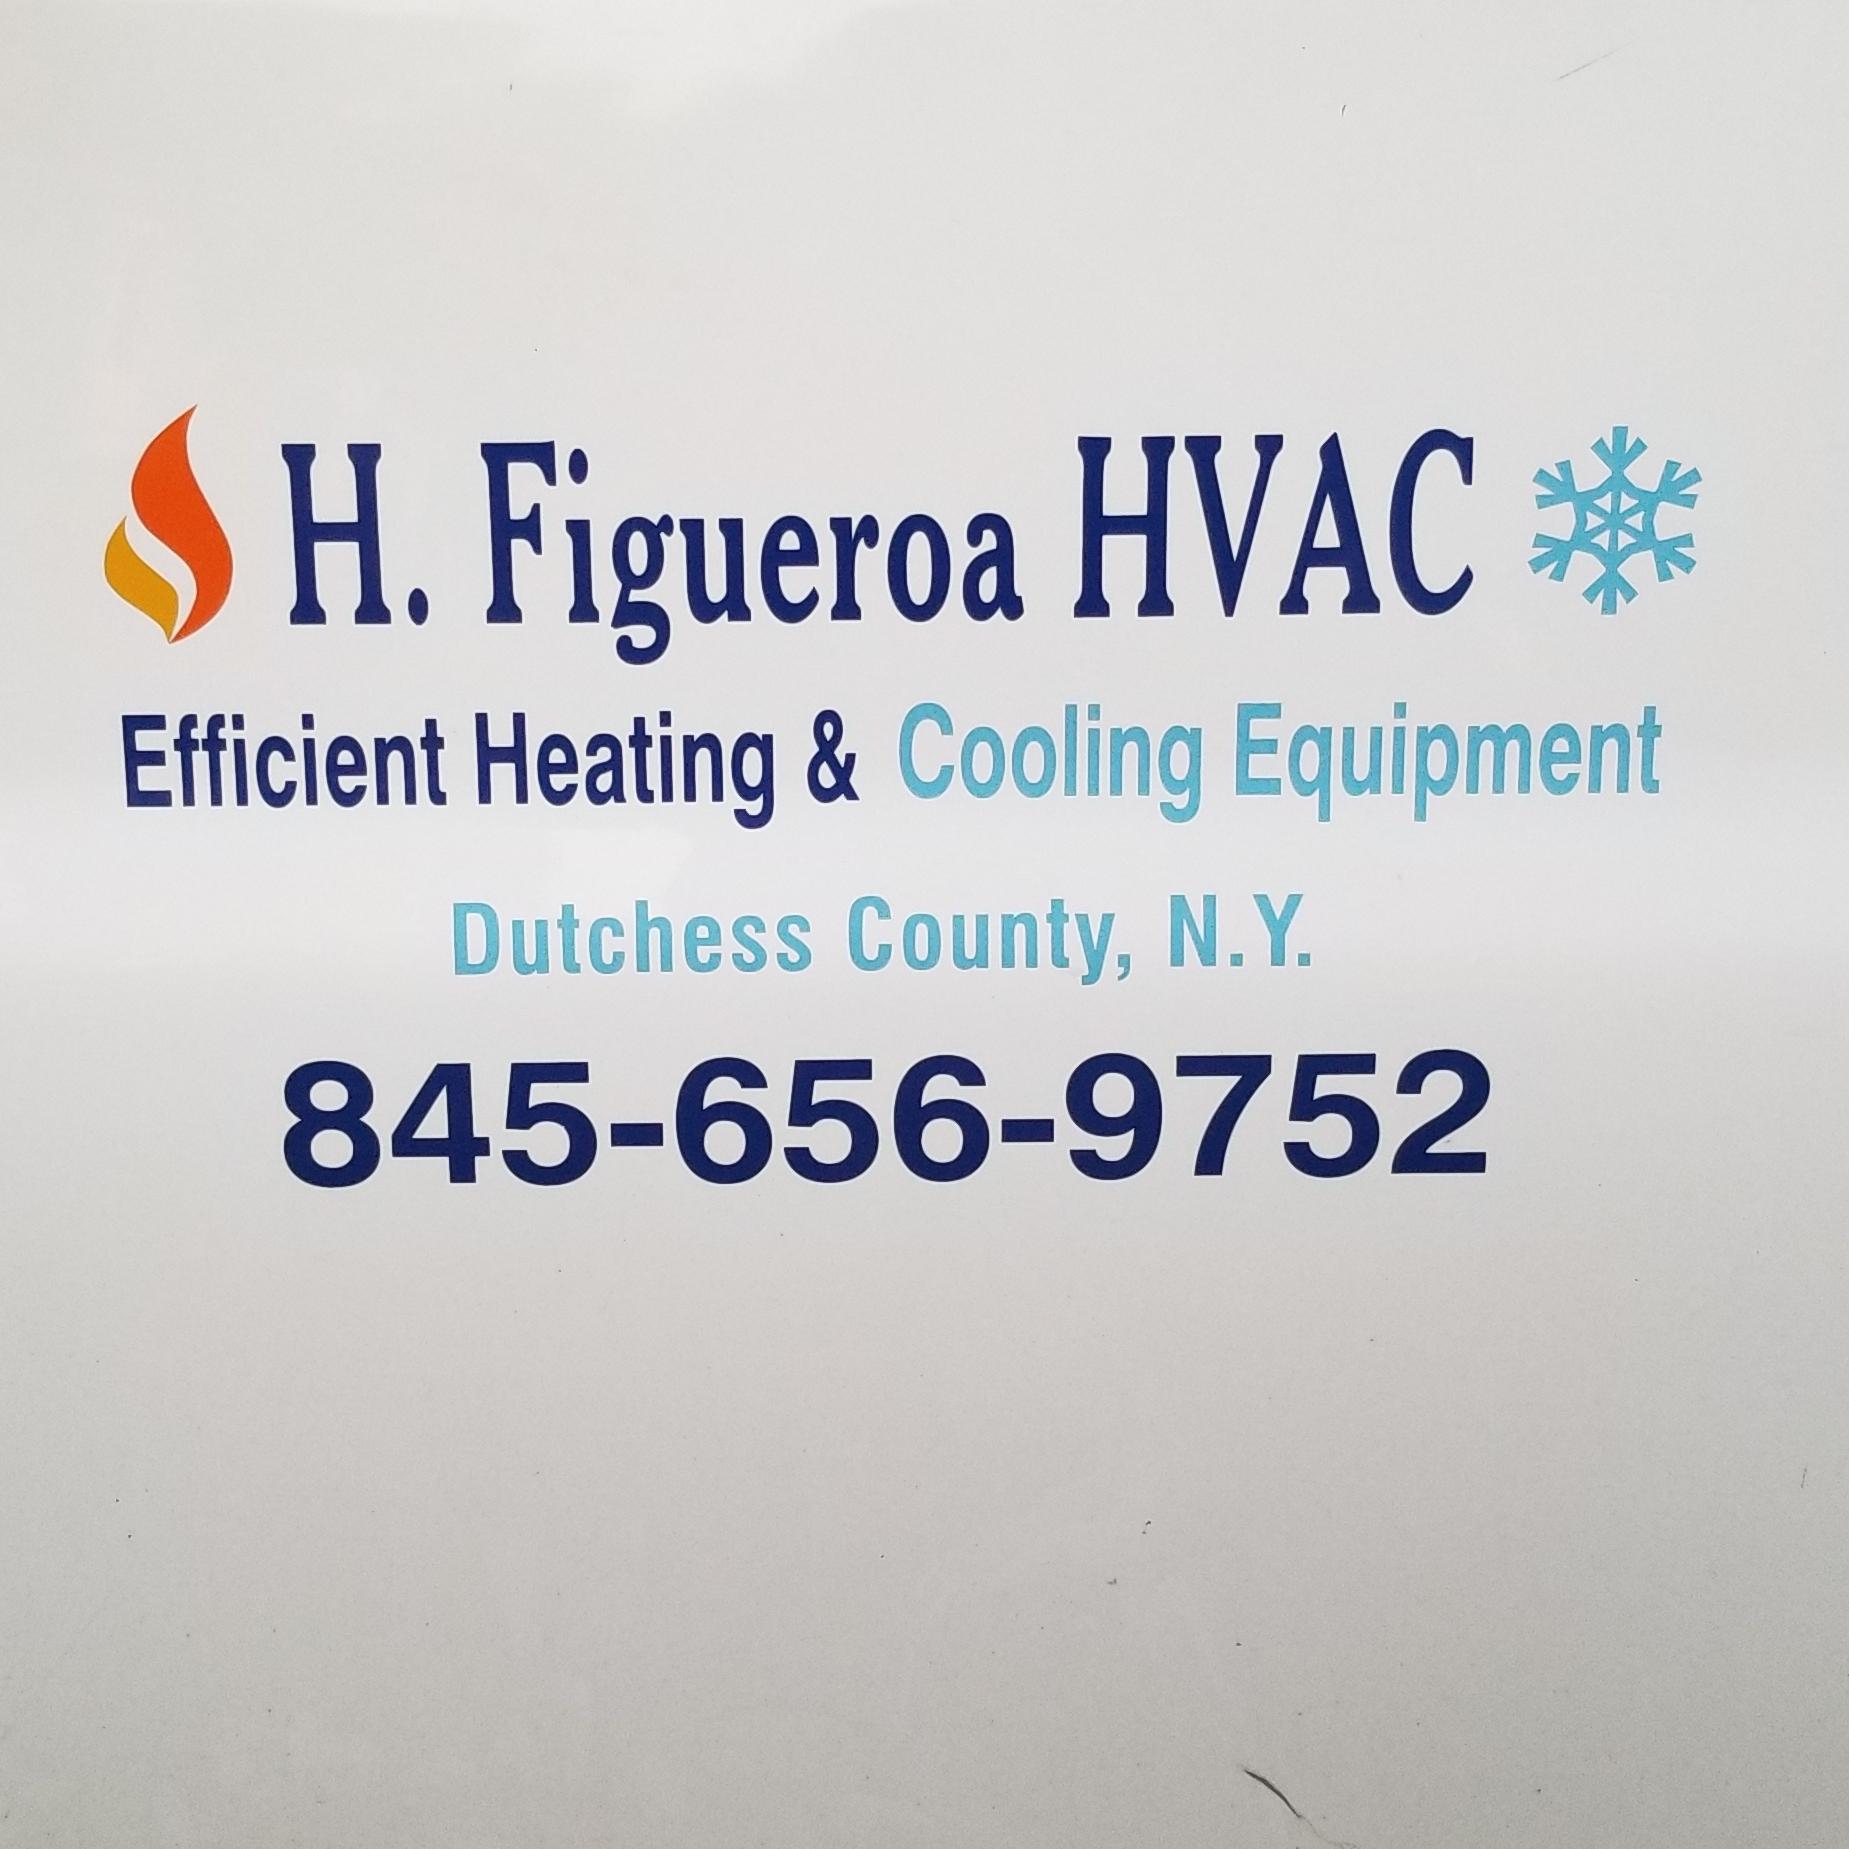 H. Figueroa HVAC